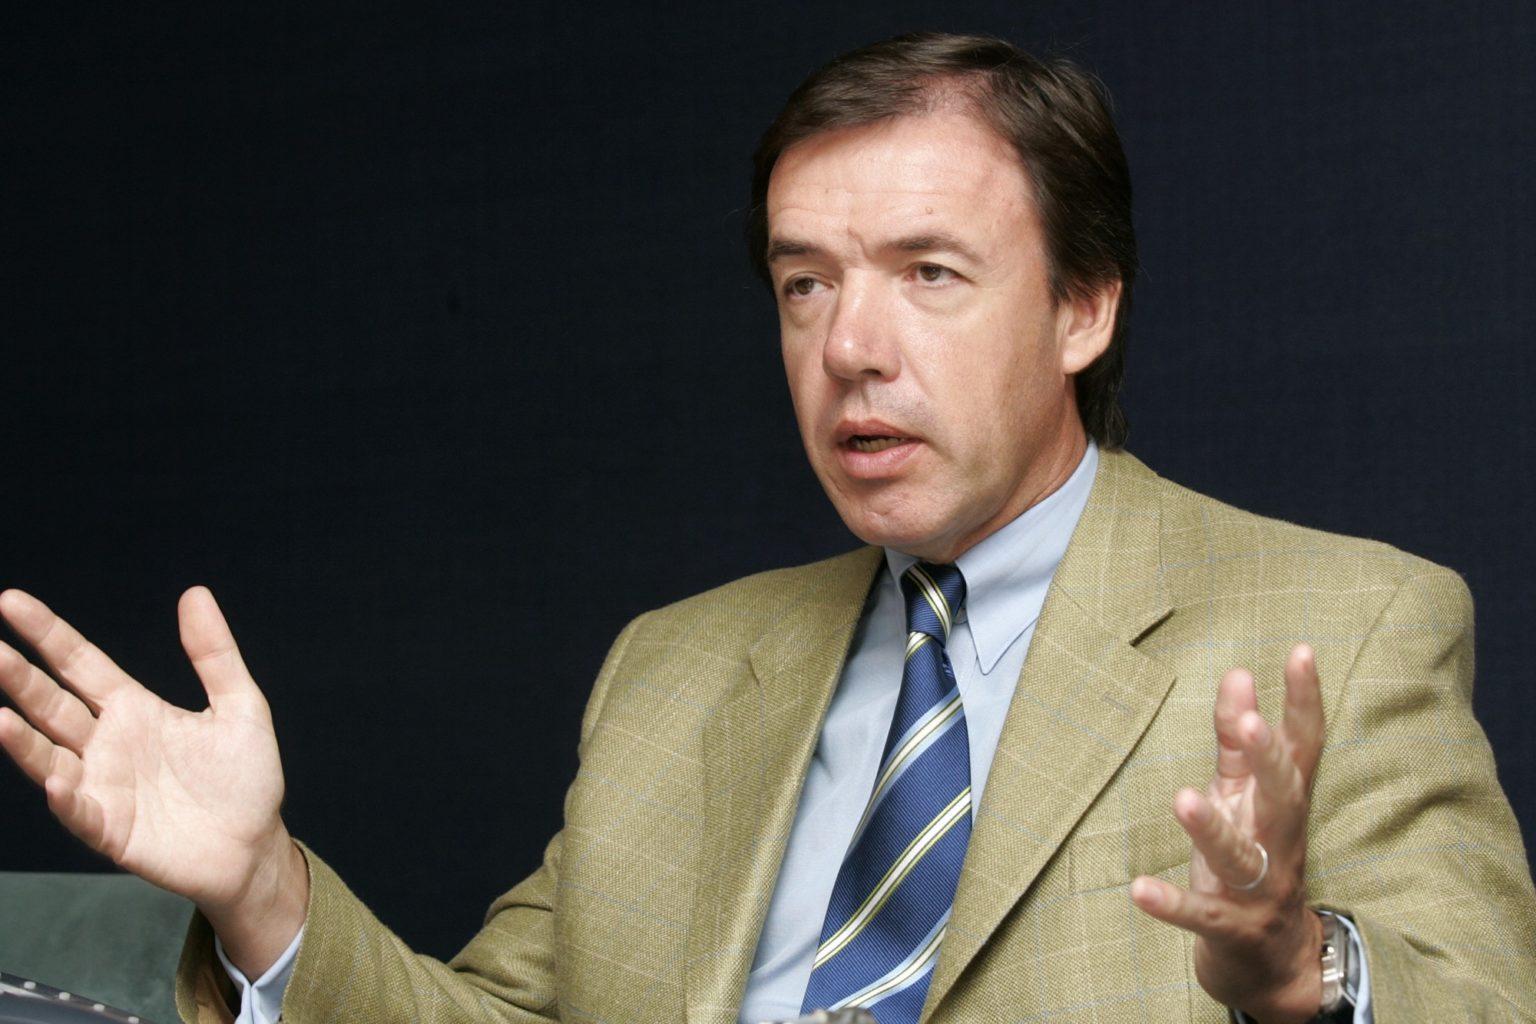 Presidente de operações globais da Bunge deve se aposentar no fim do ano